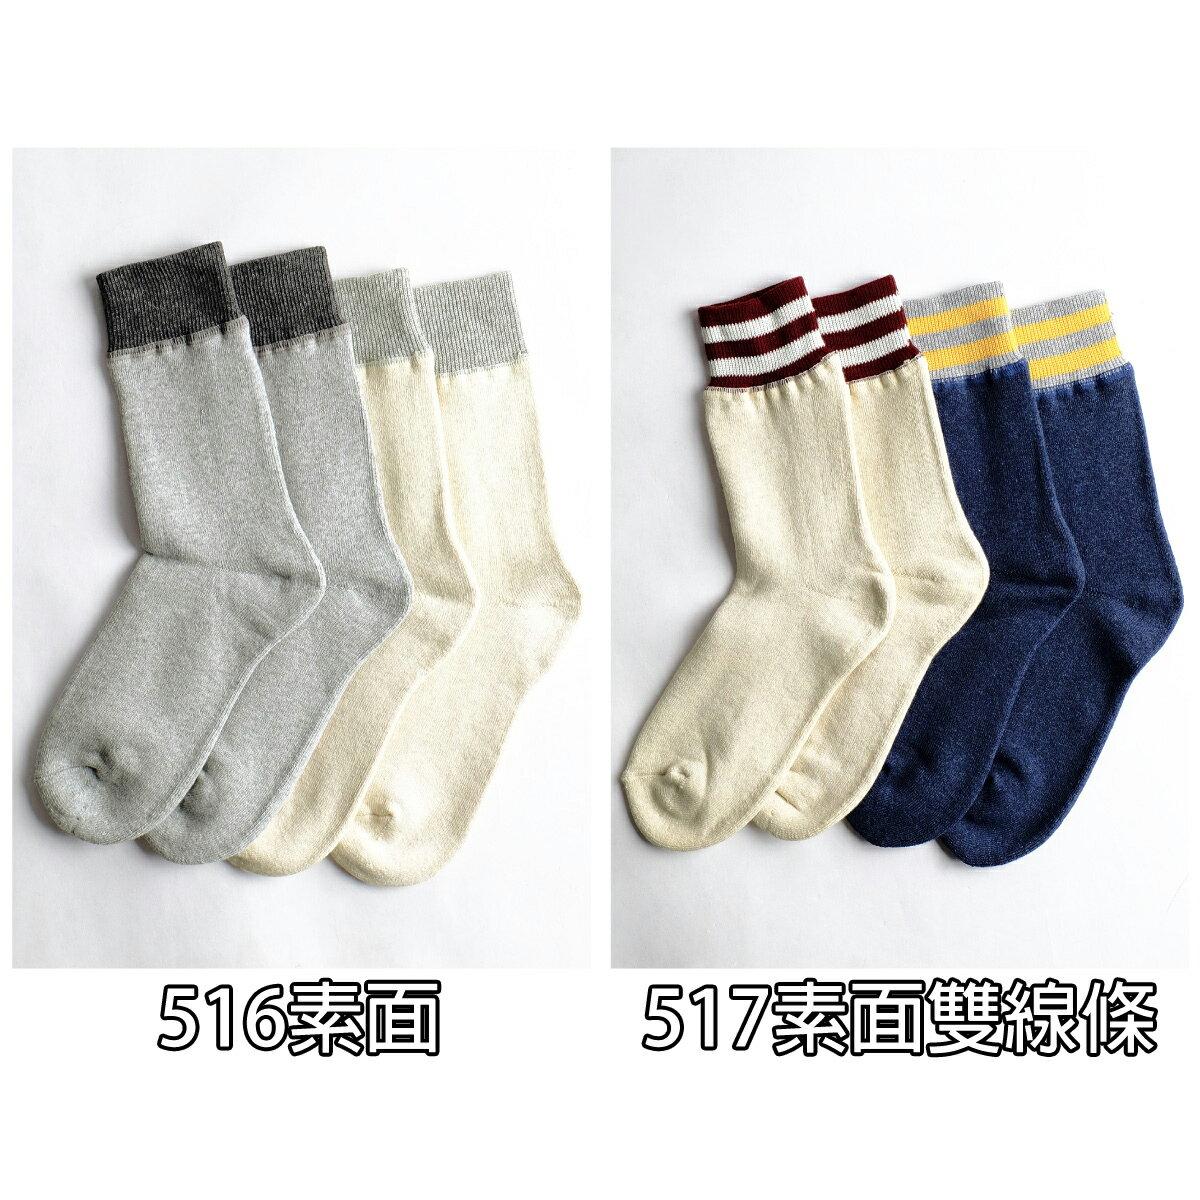 中筒針織襪 3件組 1